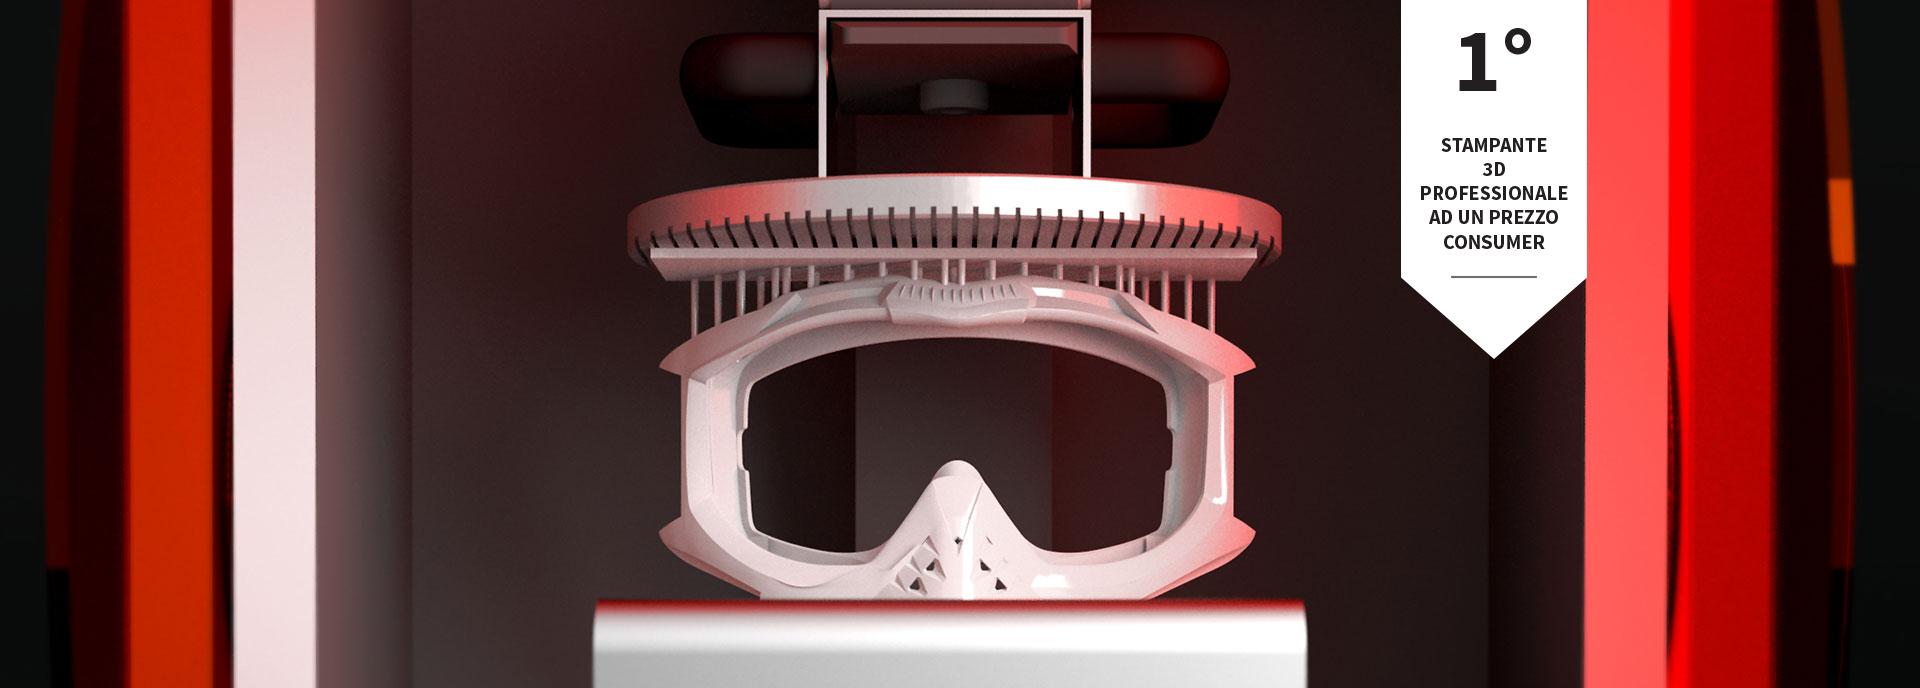 La Stampa 3D Stereolitografica, La Rivoluzione è Qui